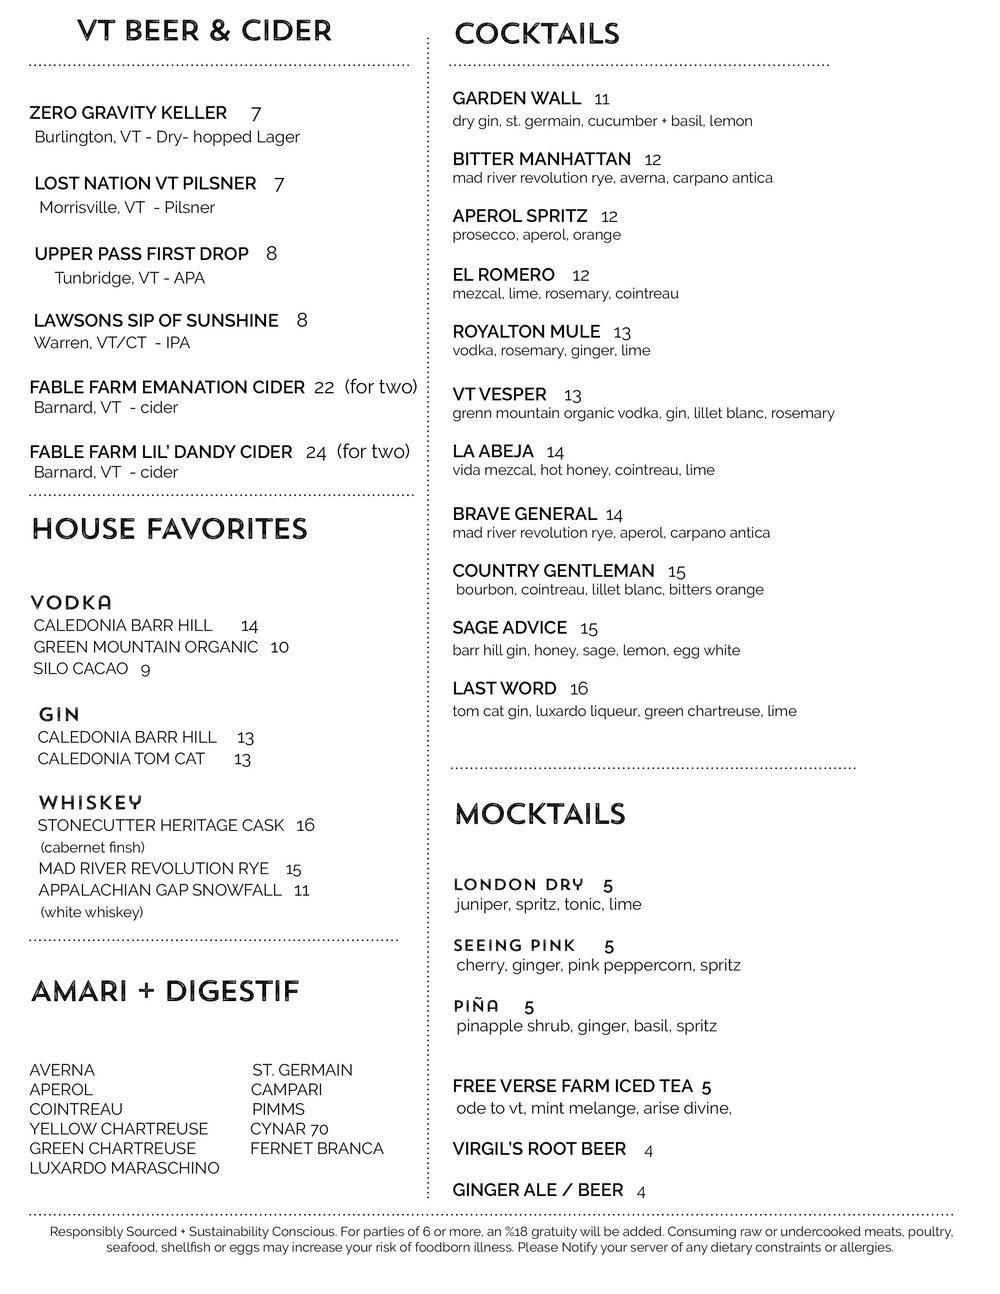 bev menu 05.22.18.jpg